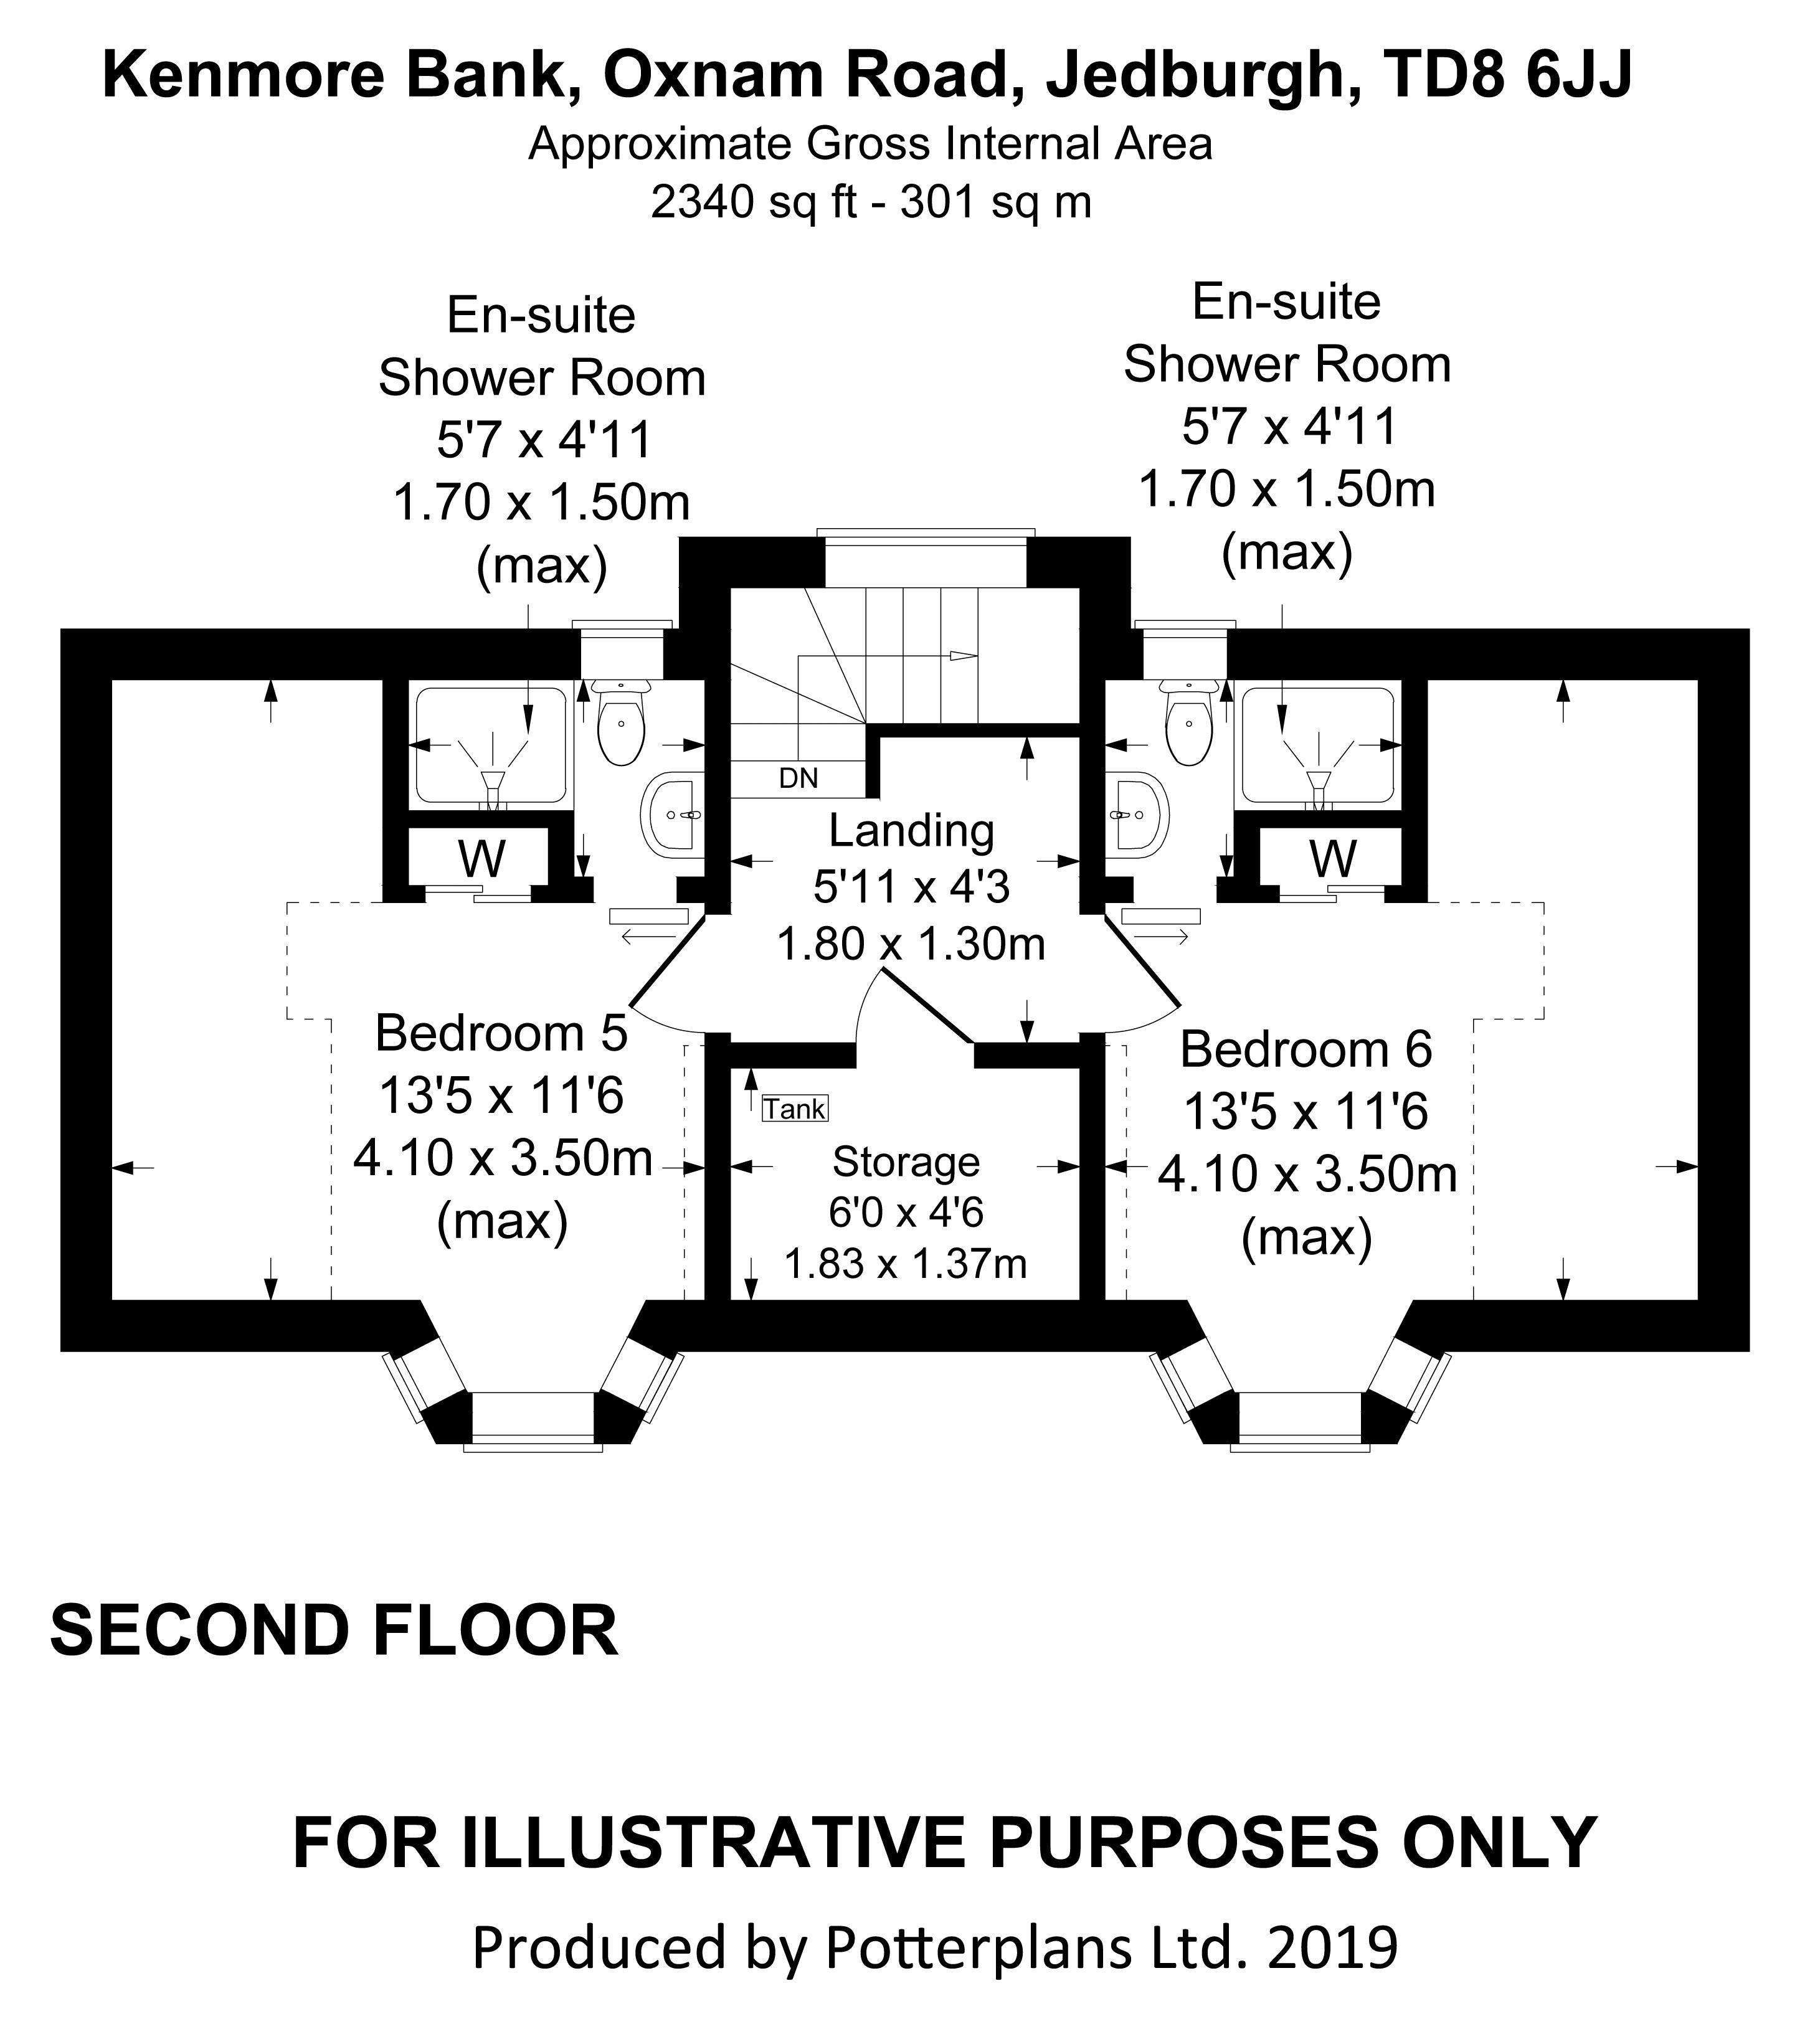 Kenmore Bank Second Floor